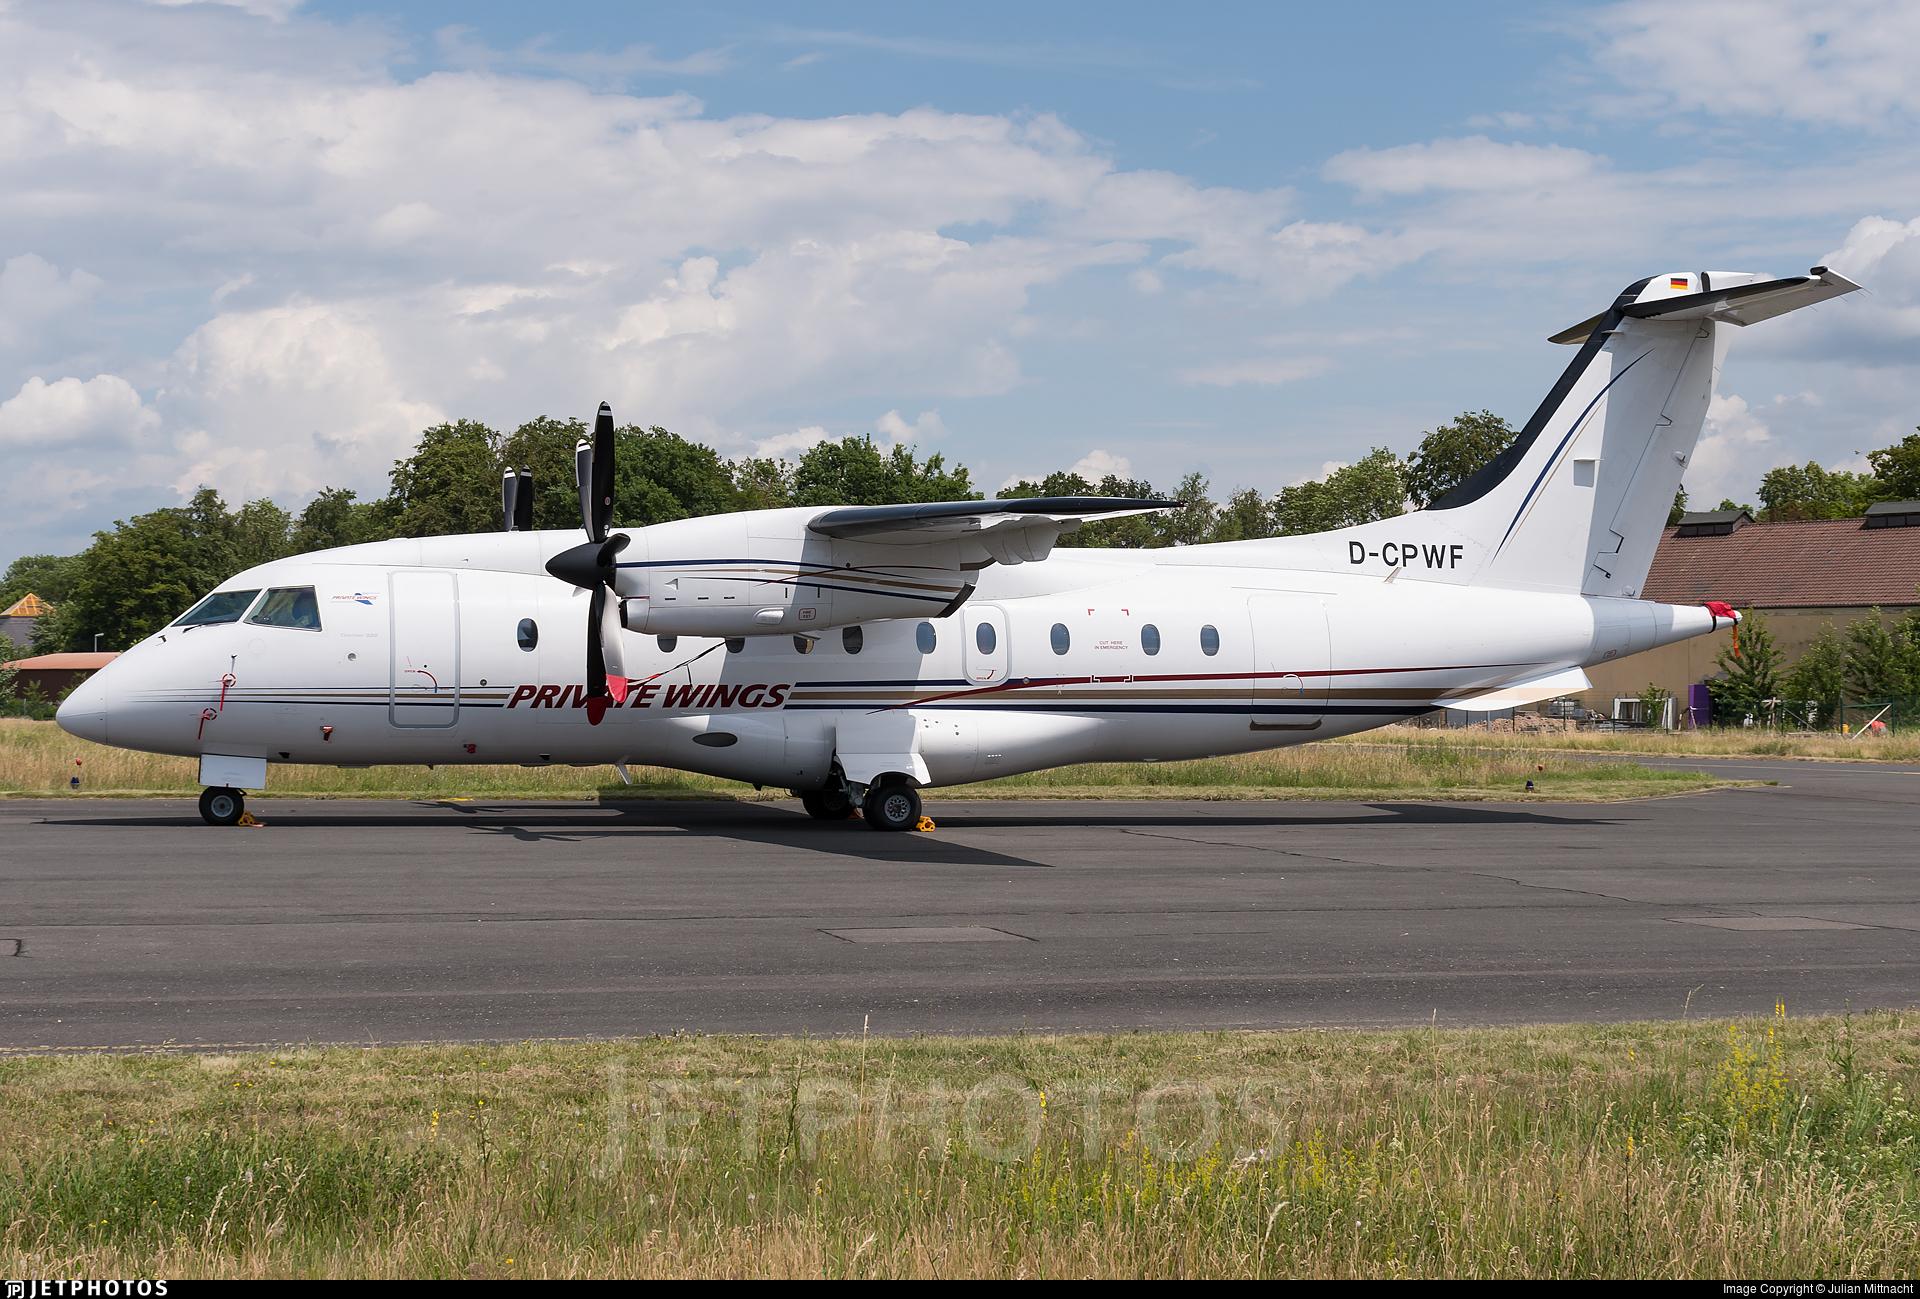 D-CPWF - Dornier Do-328-100 - Private Wings